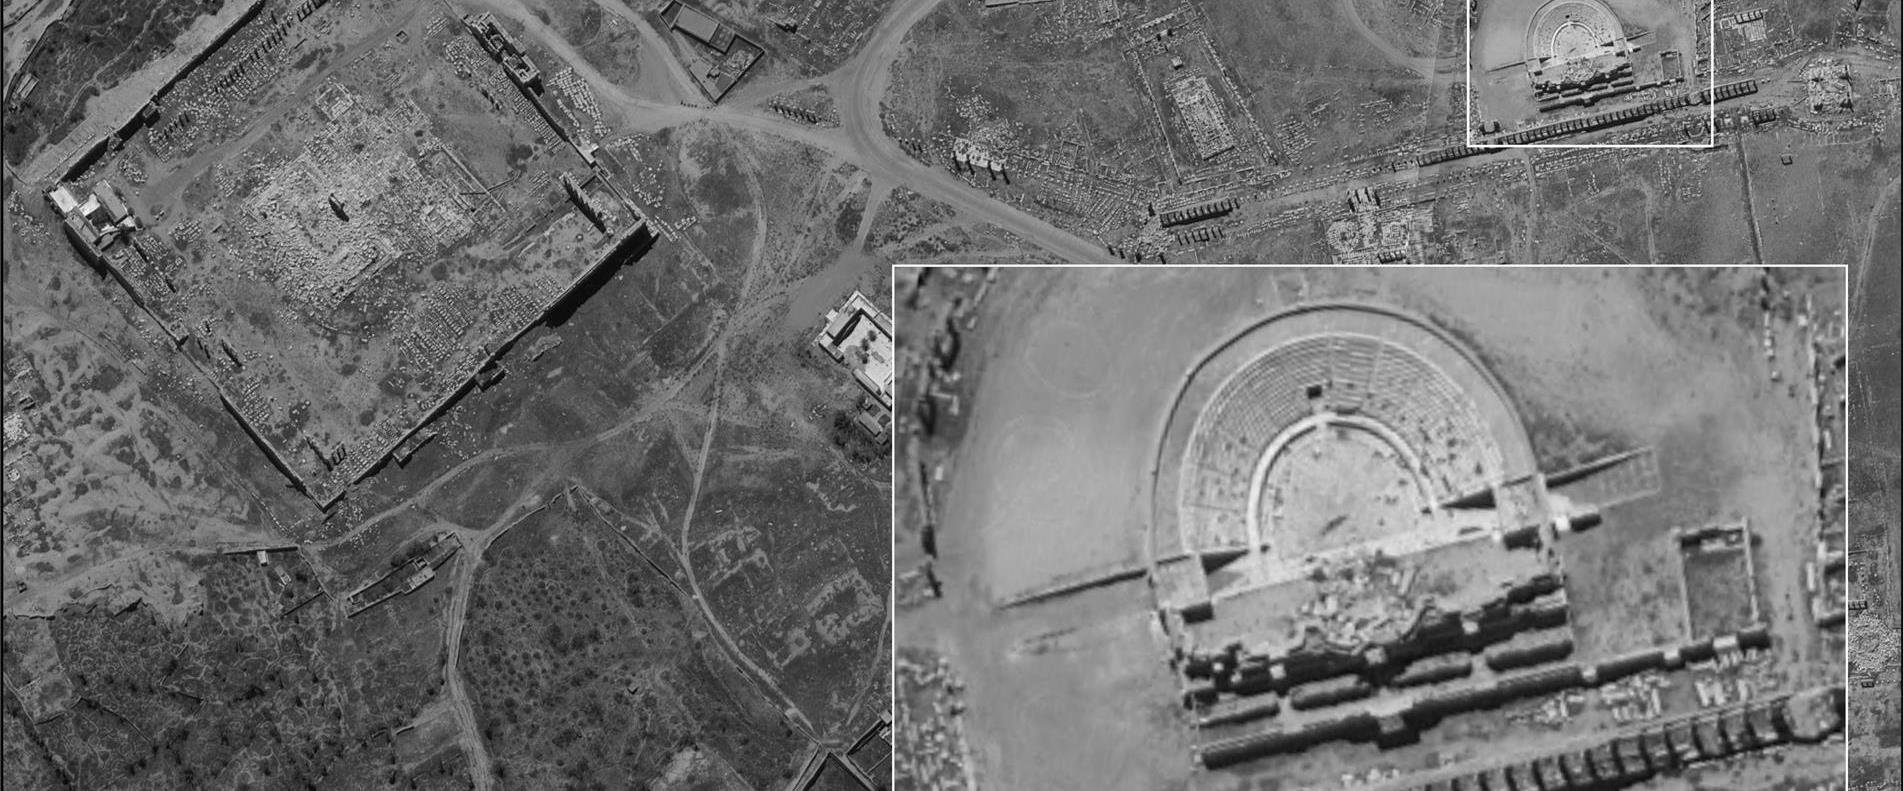 התיאטרון הרומי בסוריה ממצלמת הלוויין אופק 16